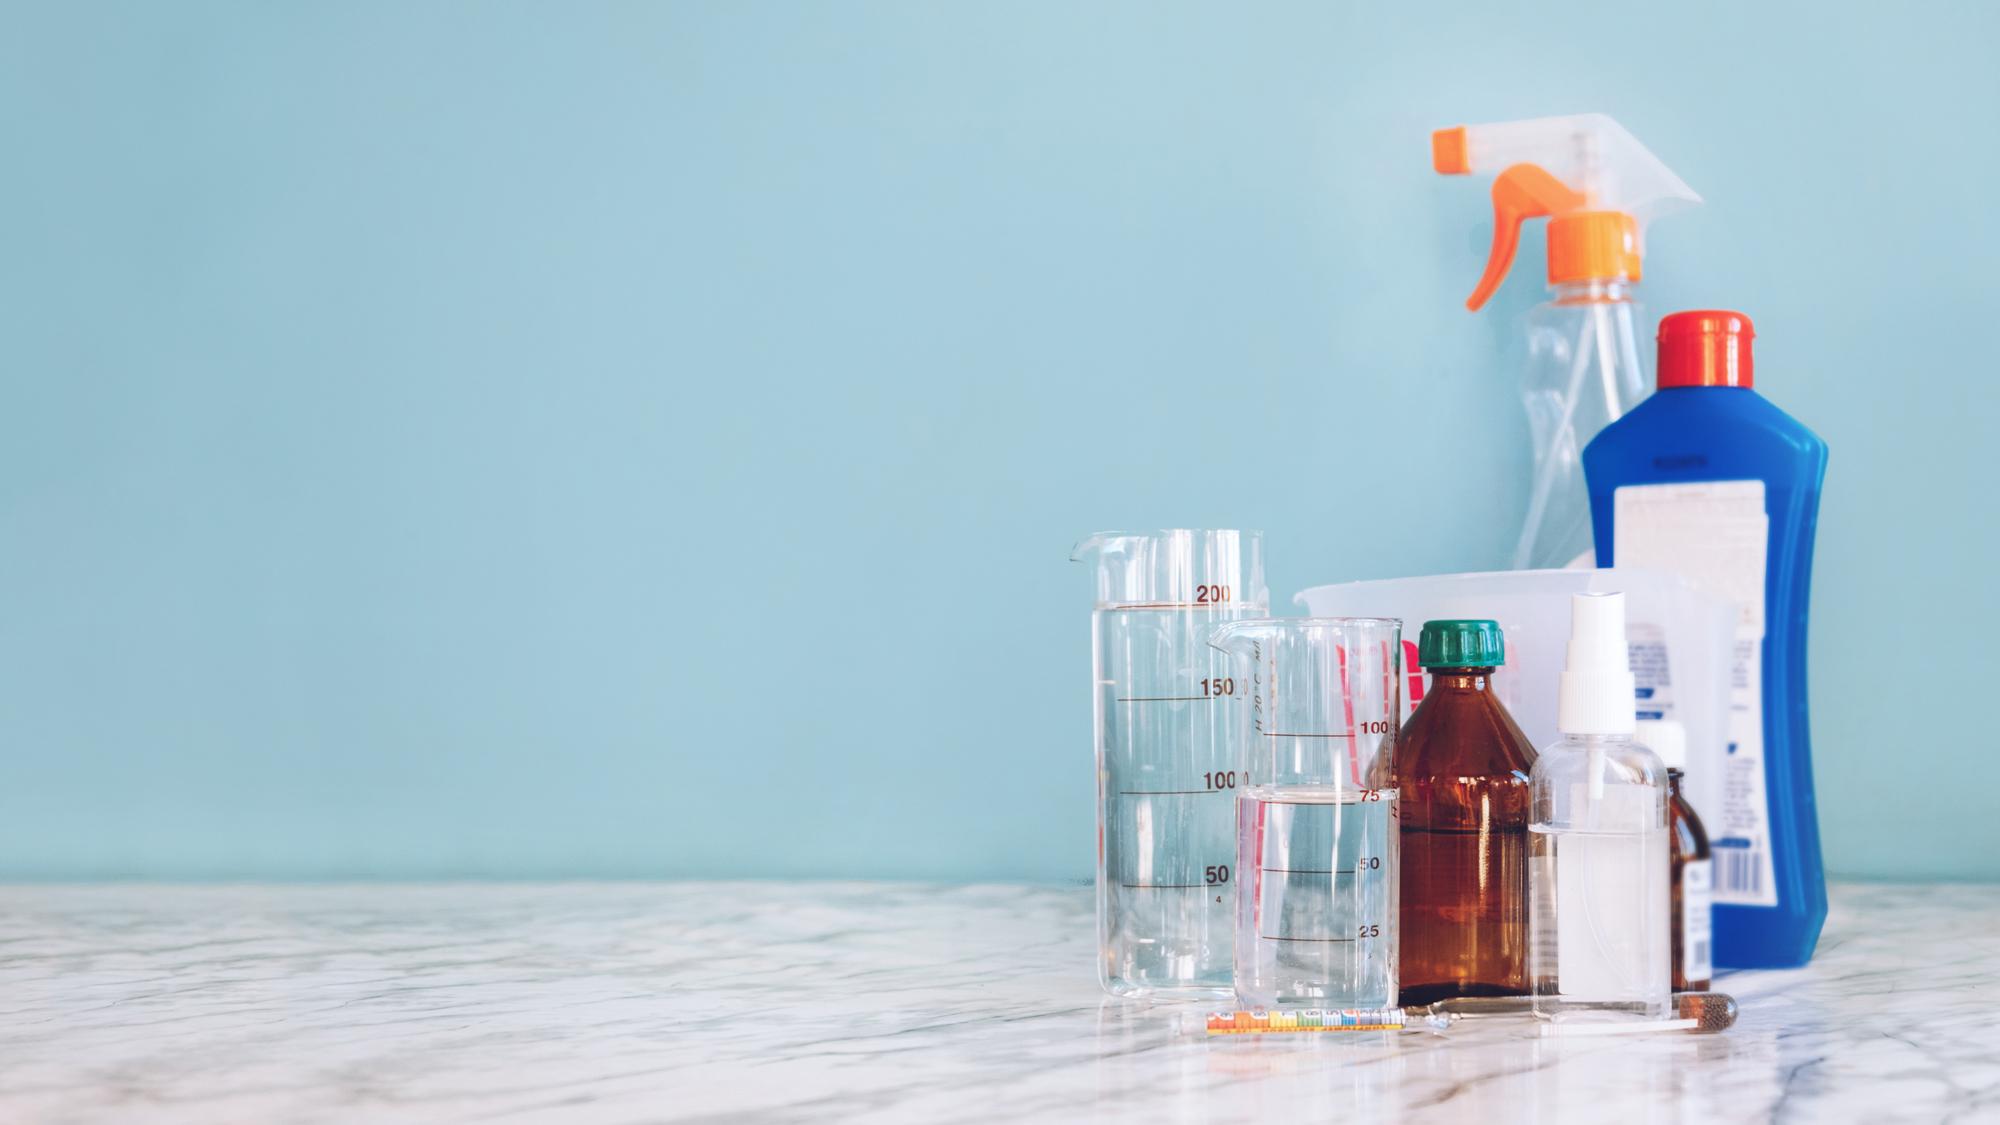 Álcool gel caseiro pode acarretar sérios problemas à saúde